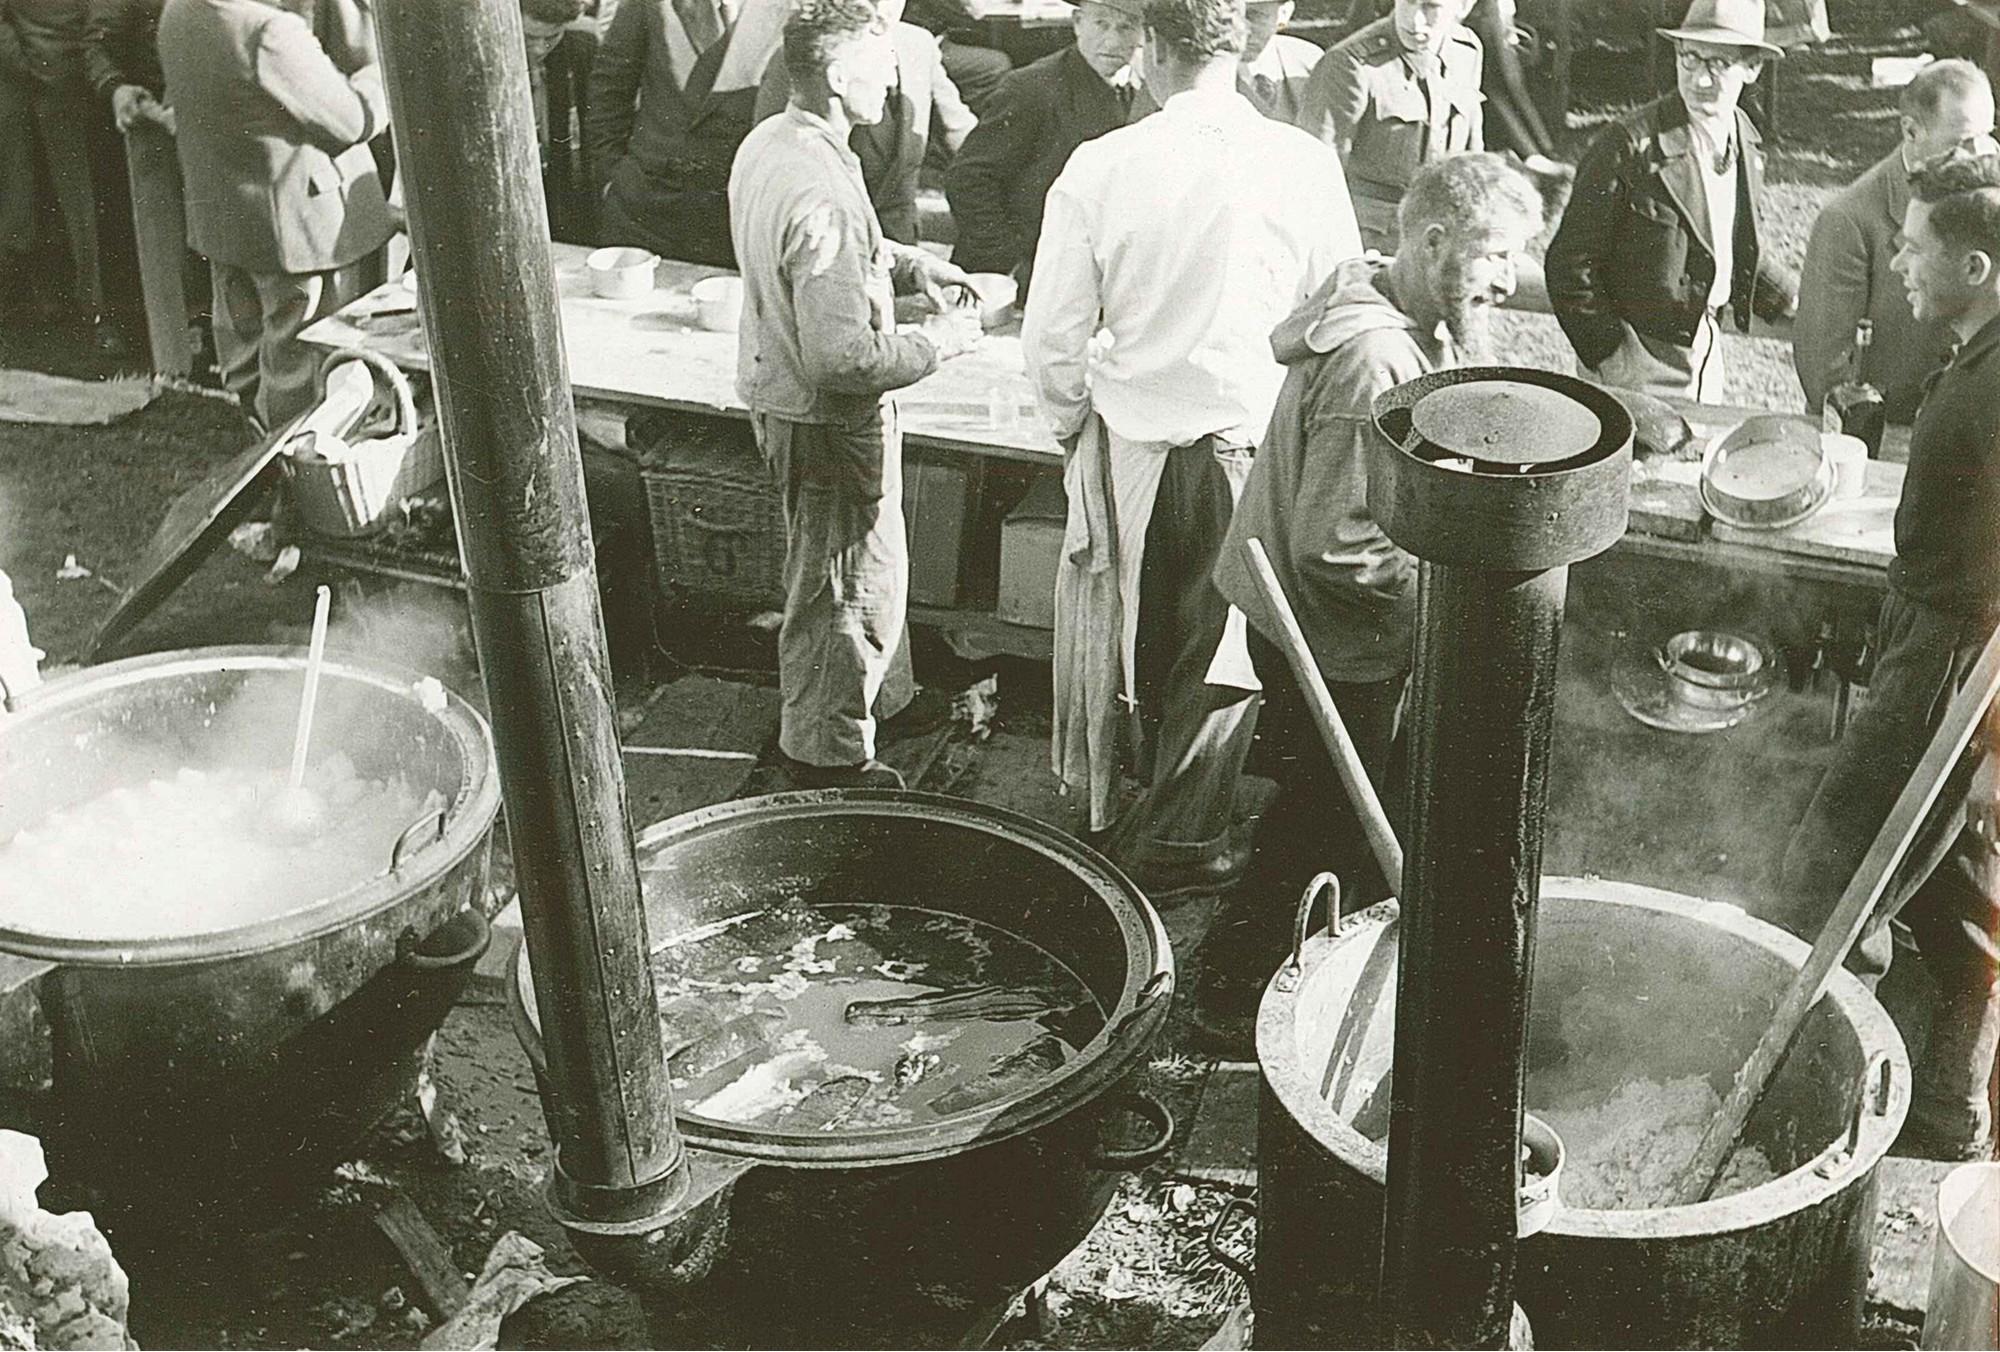 Rütli 1952 Zubereitung und Ausgabe des Ordinäri (Mittagessen)